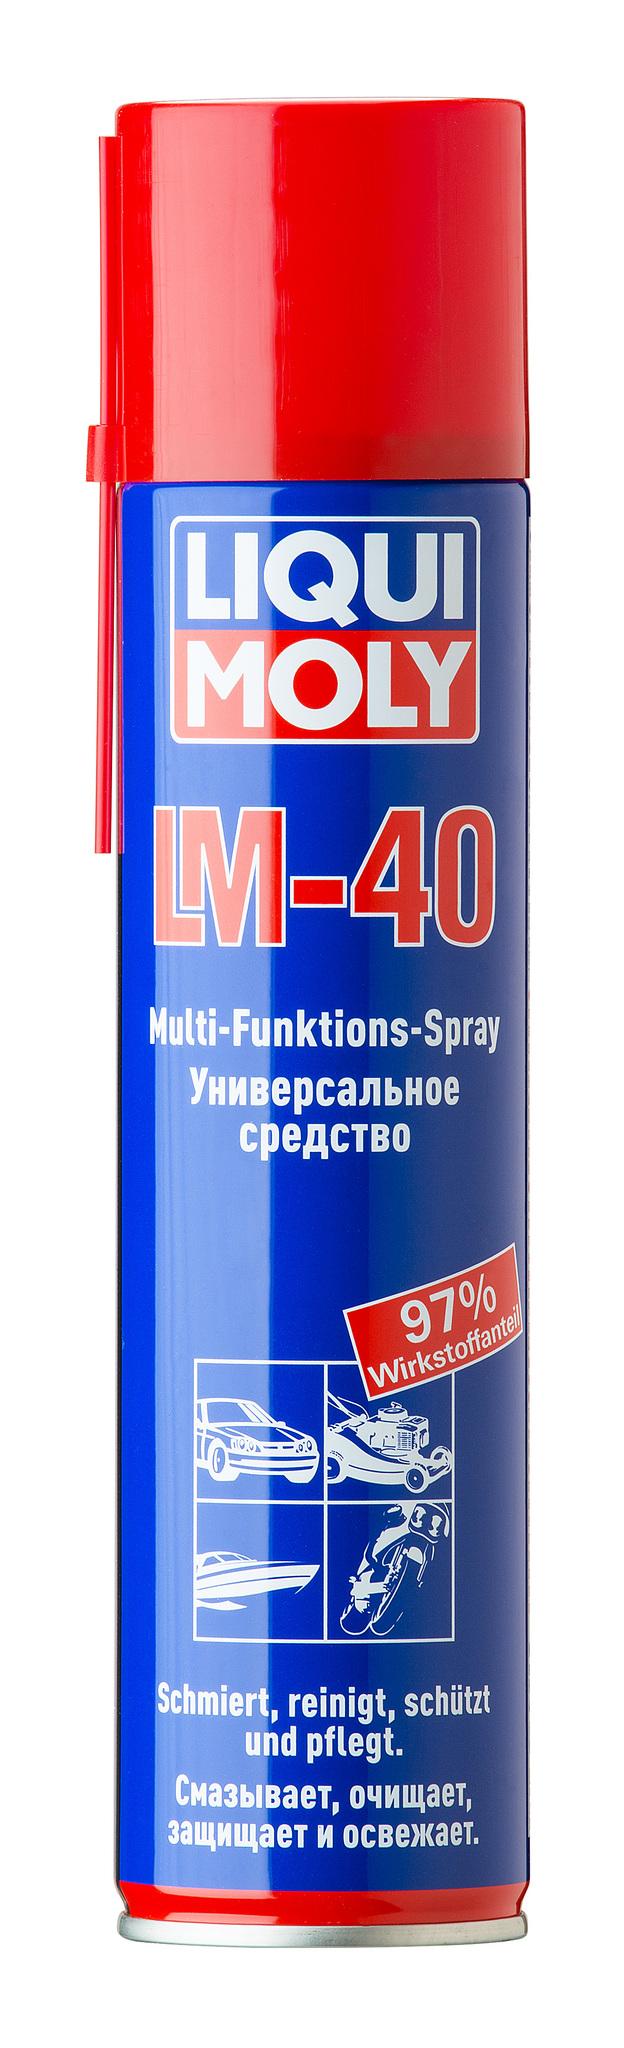 Liqui Moly LM 40 Multi Funktions Spray Многофункциональная смазка